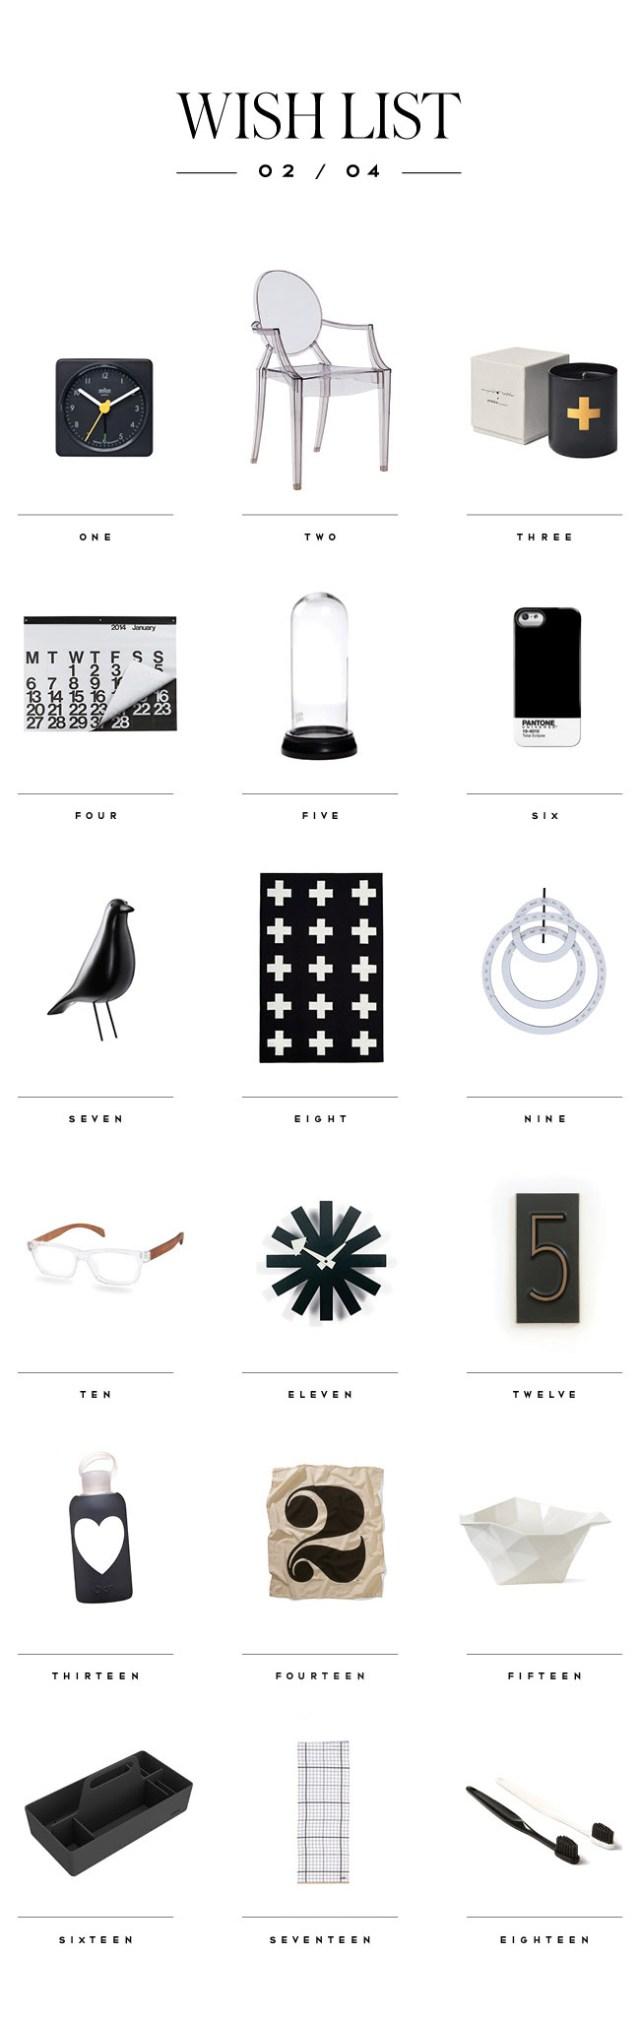 Nubby Twiglet | Designer Wish List